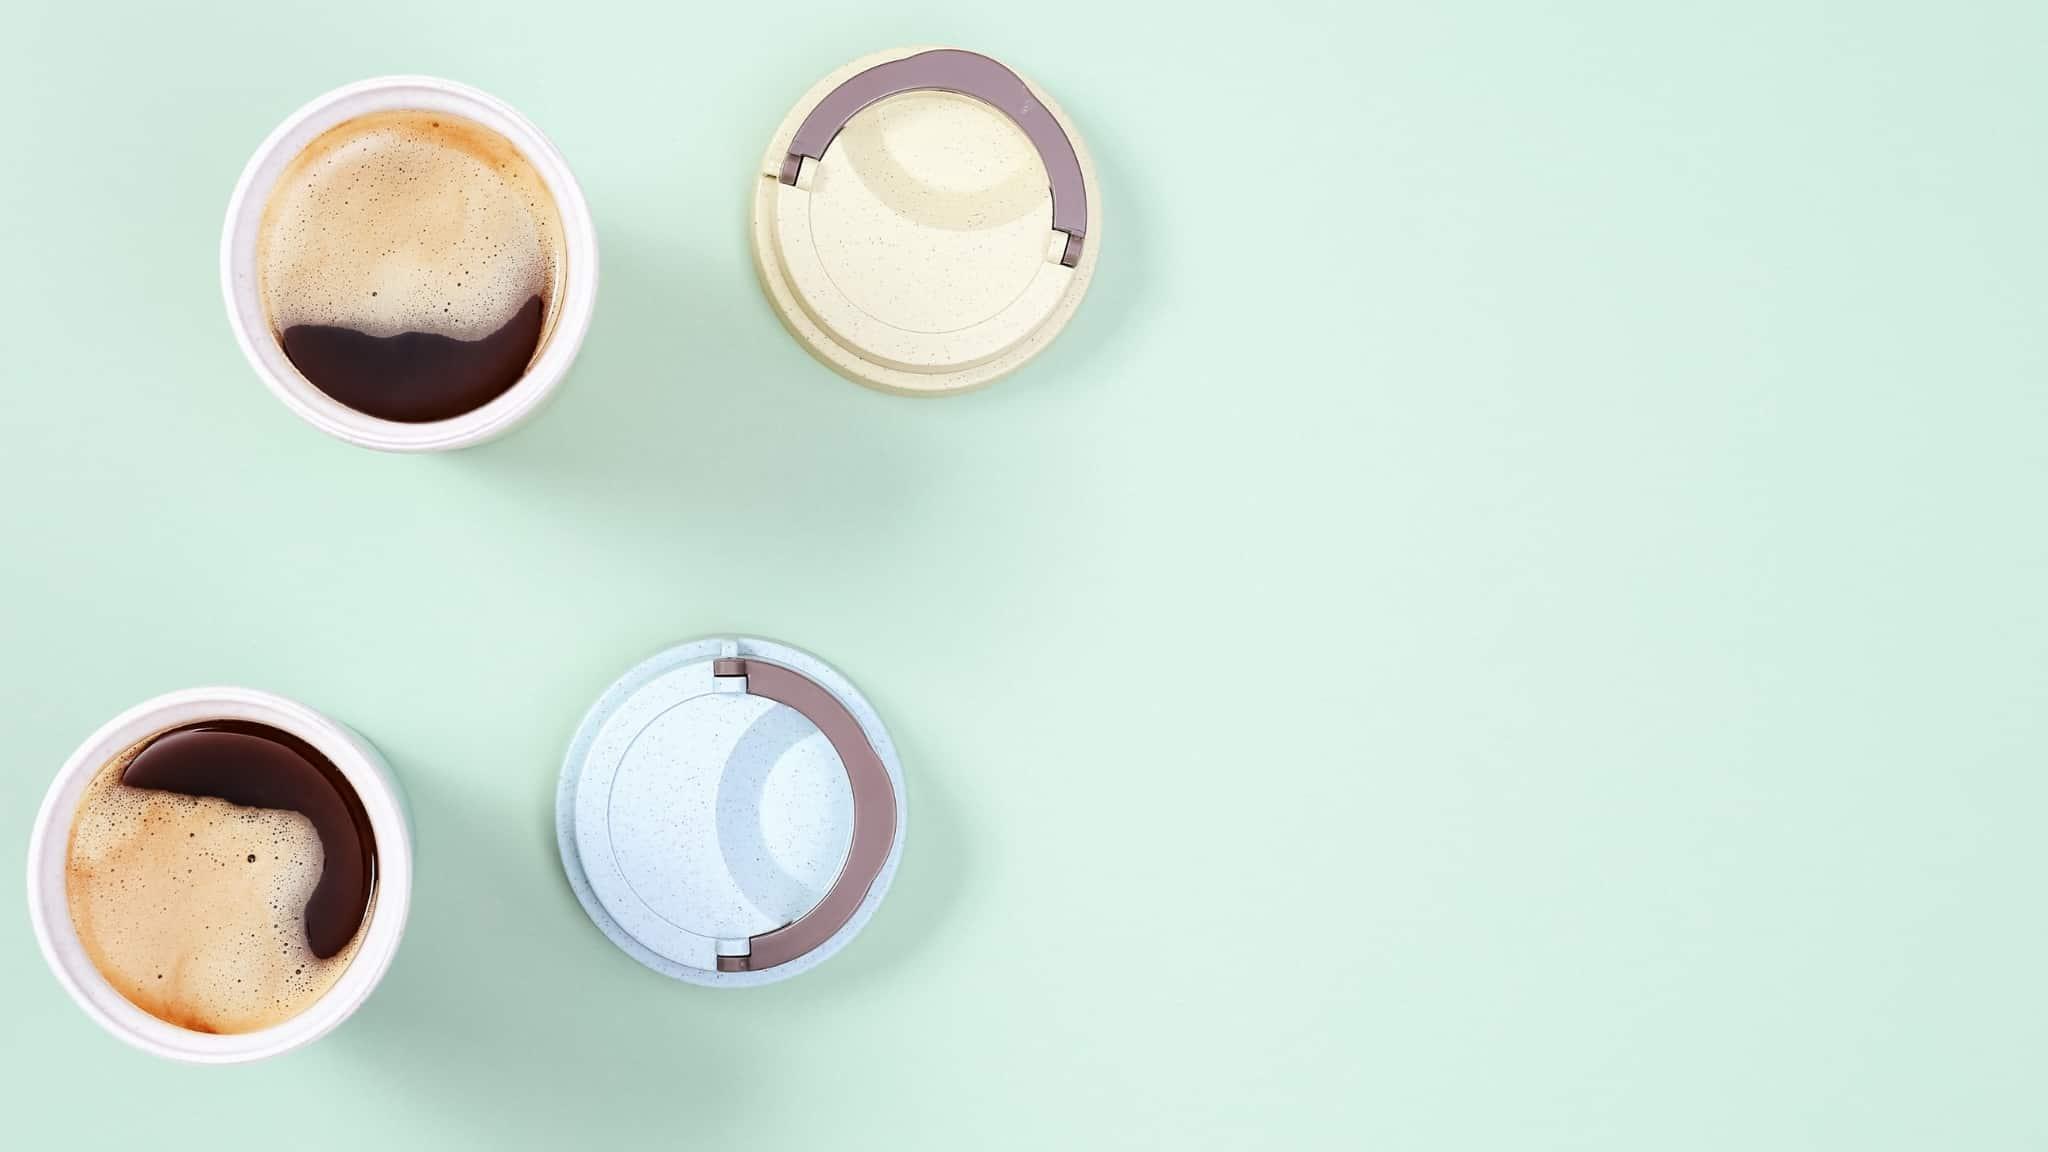 Herbruikbare koffie filters, bekers & cups | De beste opties voor een duurzaam kopje koffie